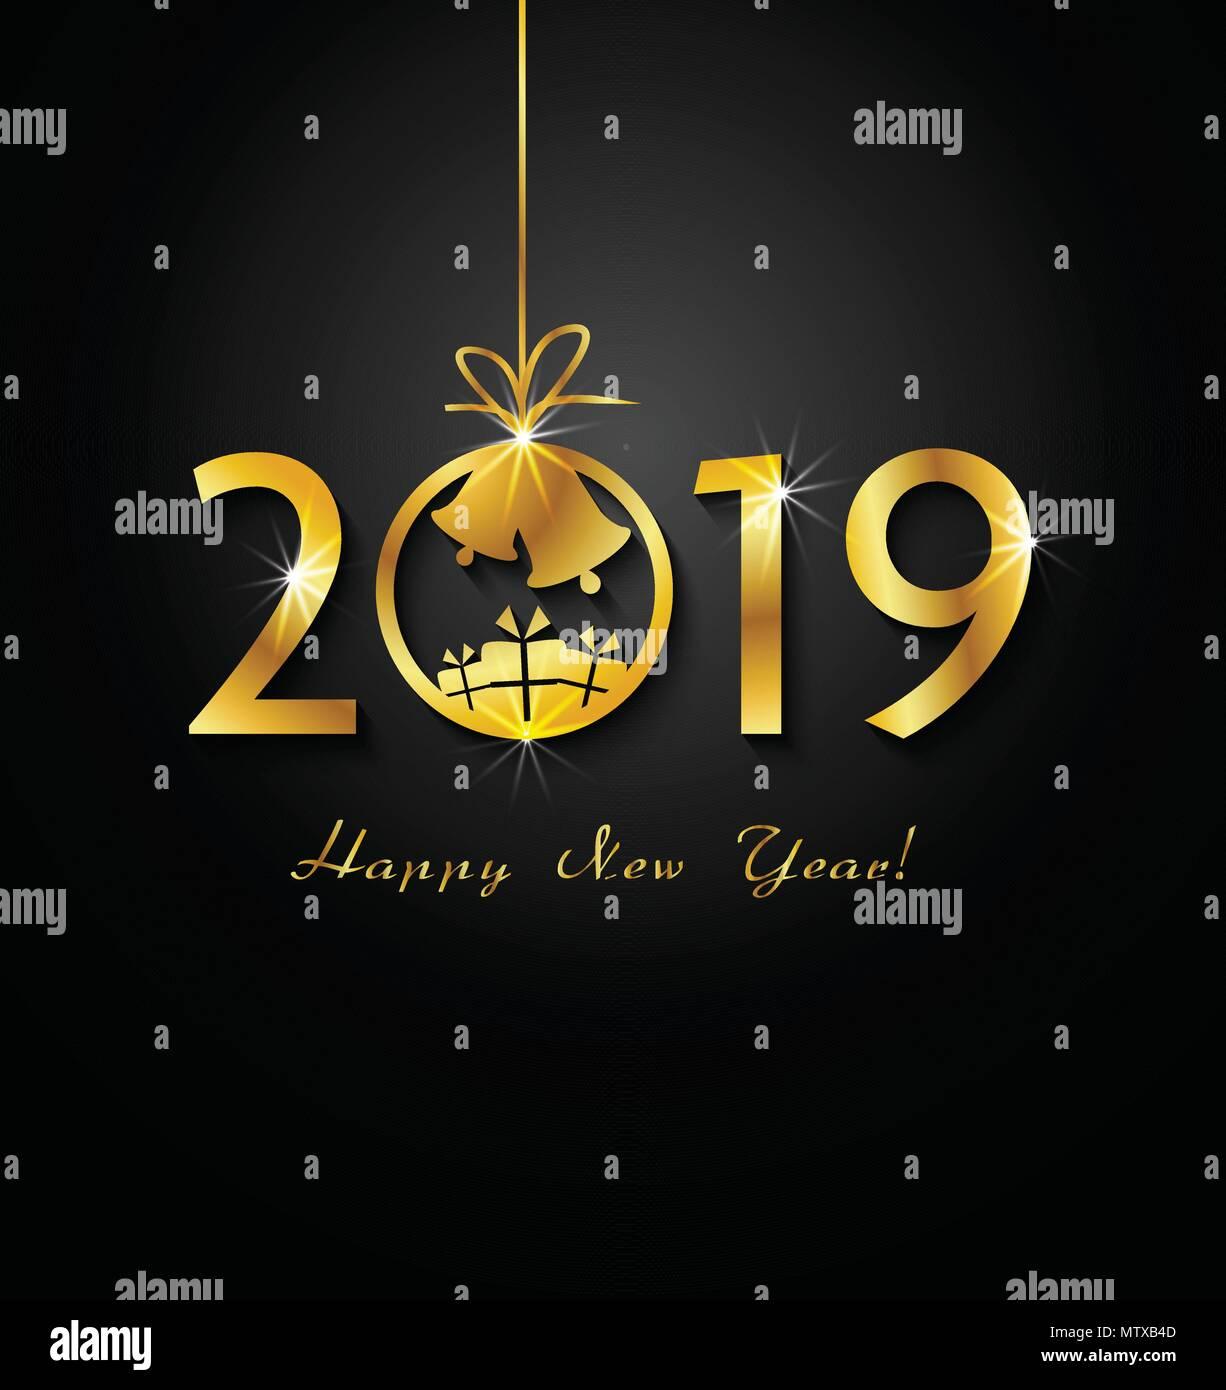 2019 Frohe Weihnachten Und Ein Gluckliches Neues Jahr Nutzlich Fur